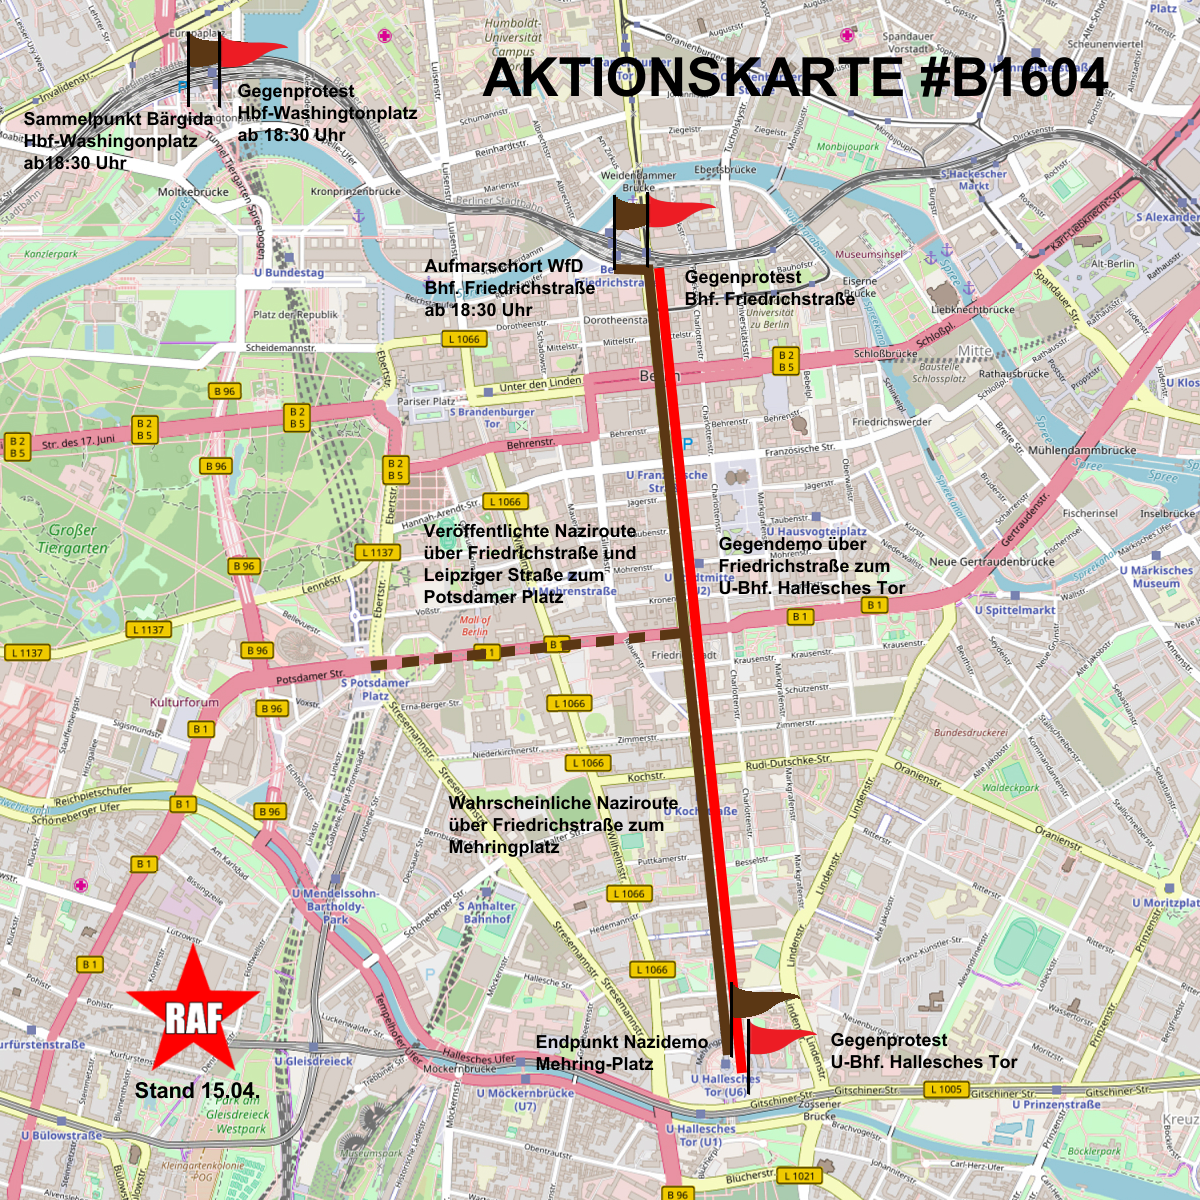 Aktionskarte zum Nauziaufmarsch von WfD am 16. April